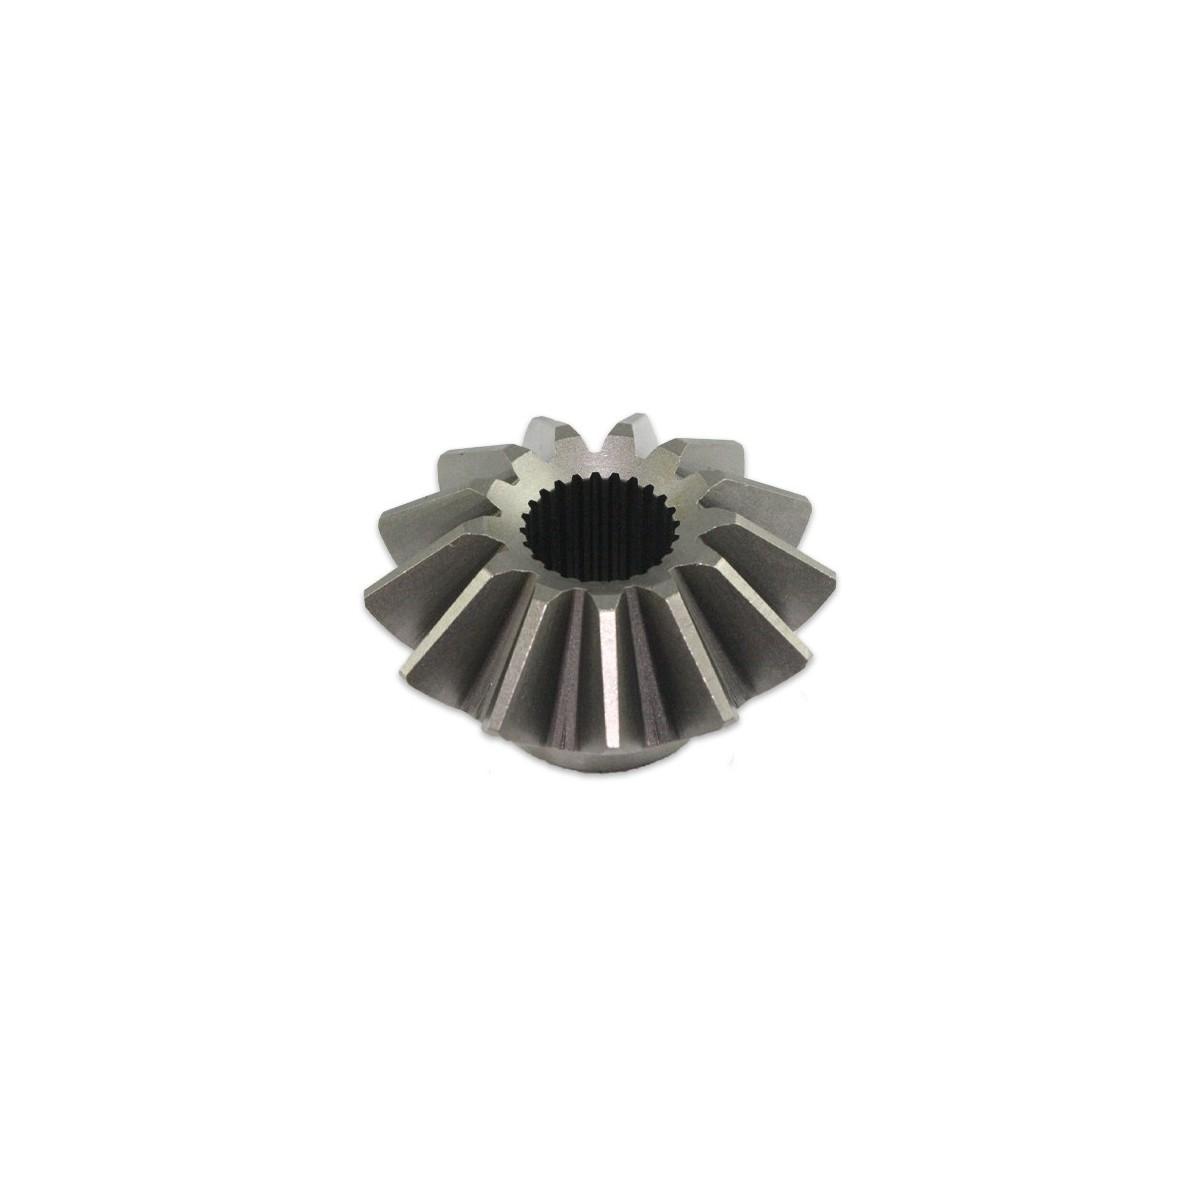 Diff. Pinion Gear 22-75 mm L-1 (Bottom) 13T x 24T